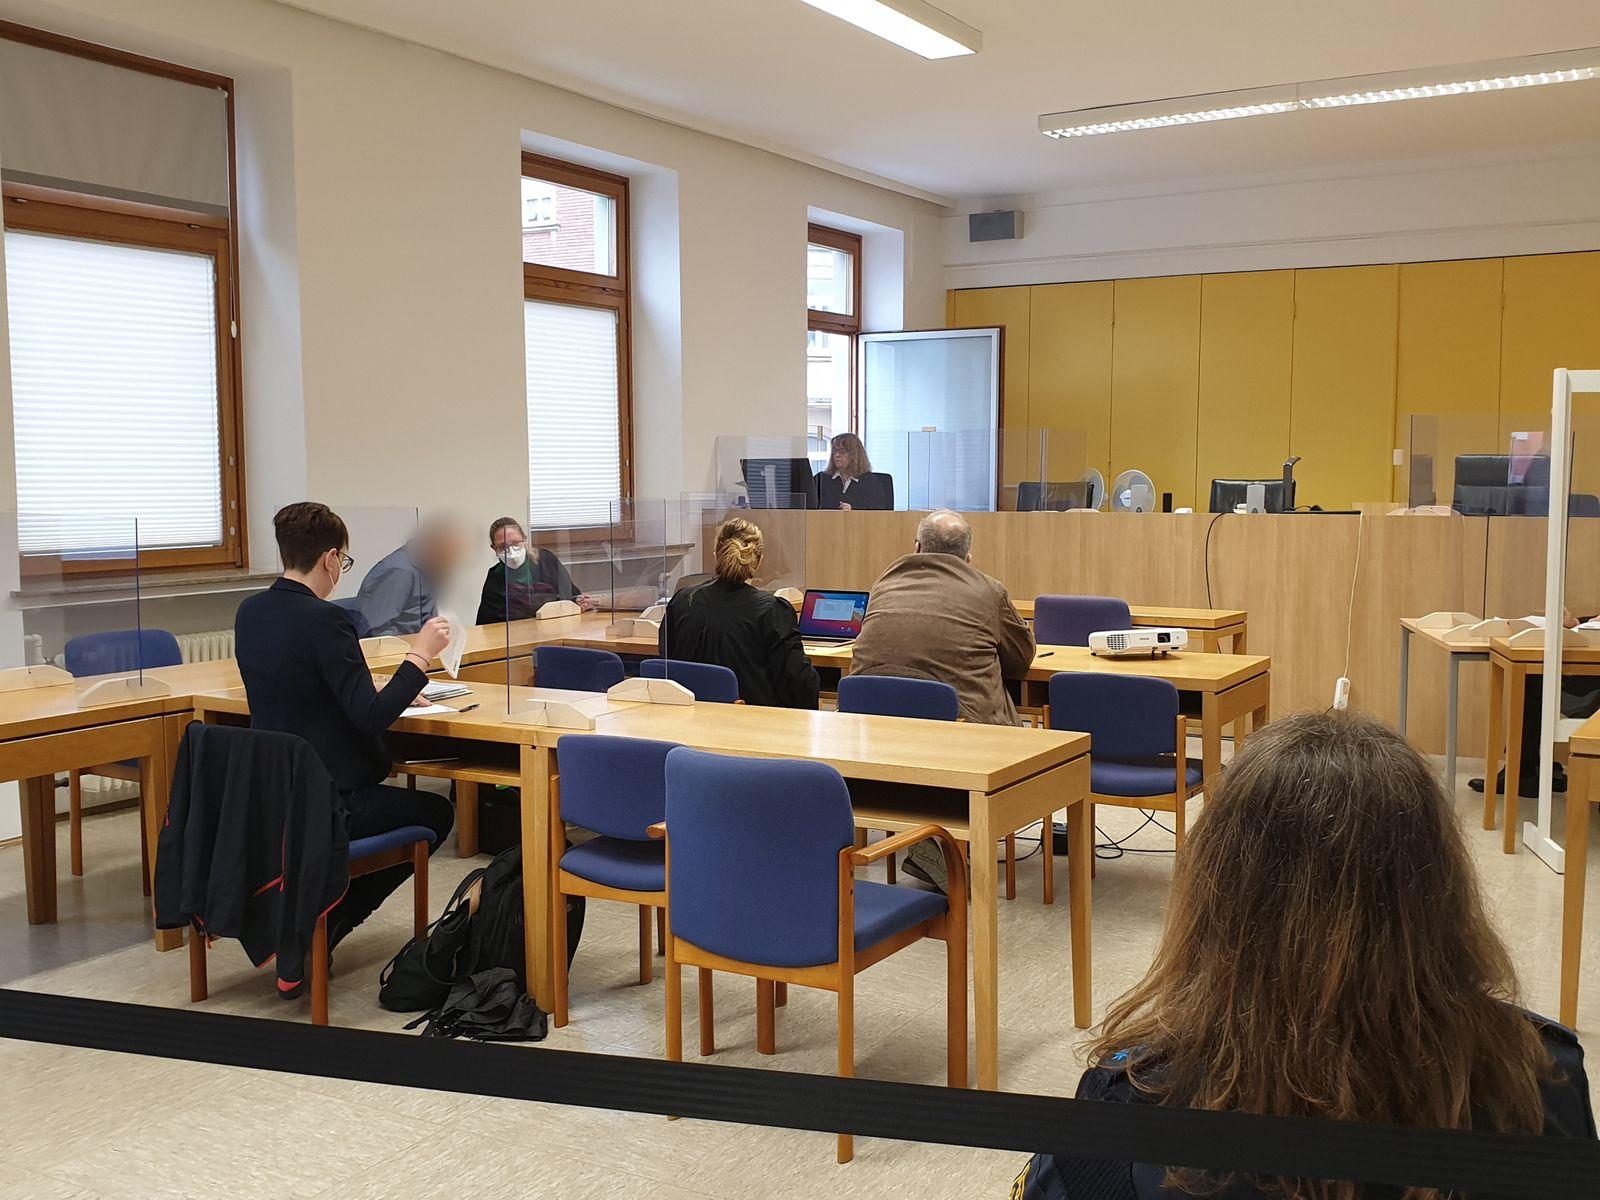 Mann wegen schweren Kindesmissbrauchs vor Gericht